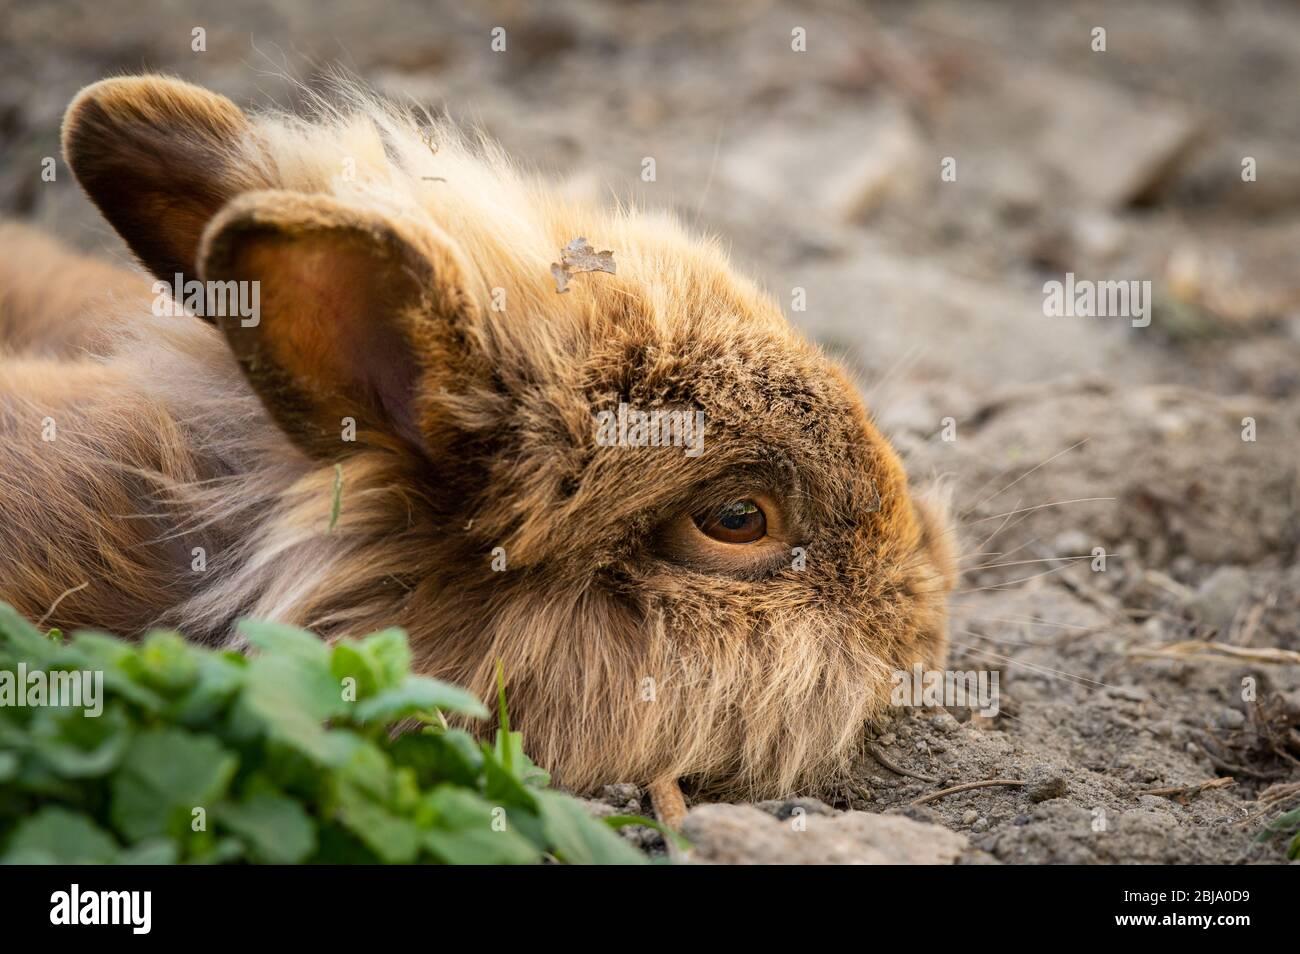 Un conejo enanos marrón lindo (cabeza de leones) descansando en el suelo en el jardín Foto de stock